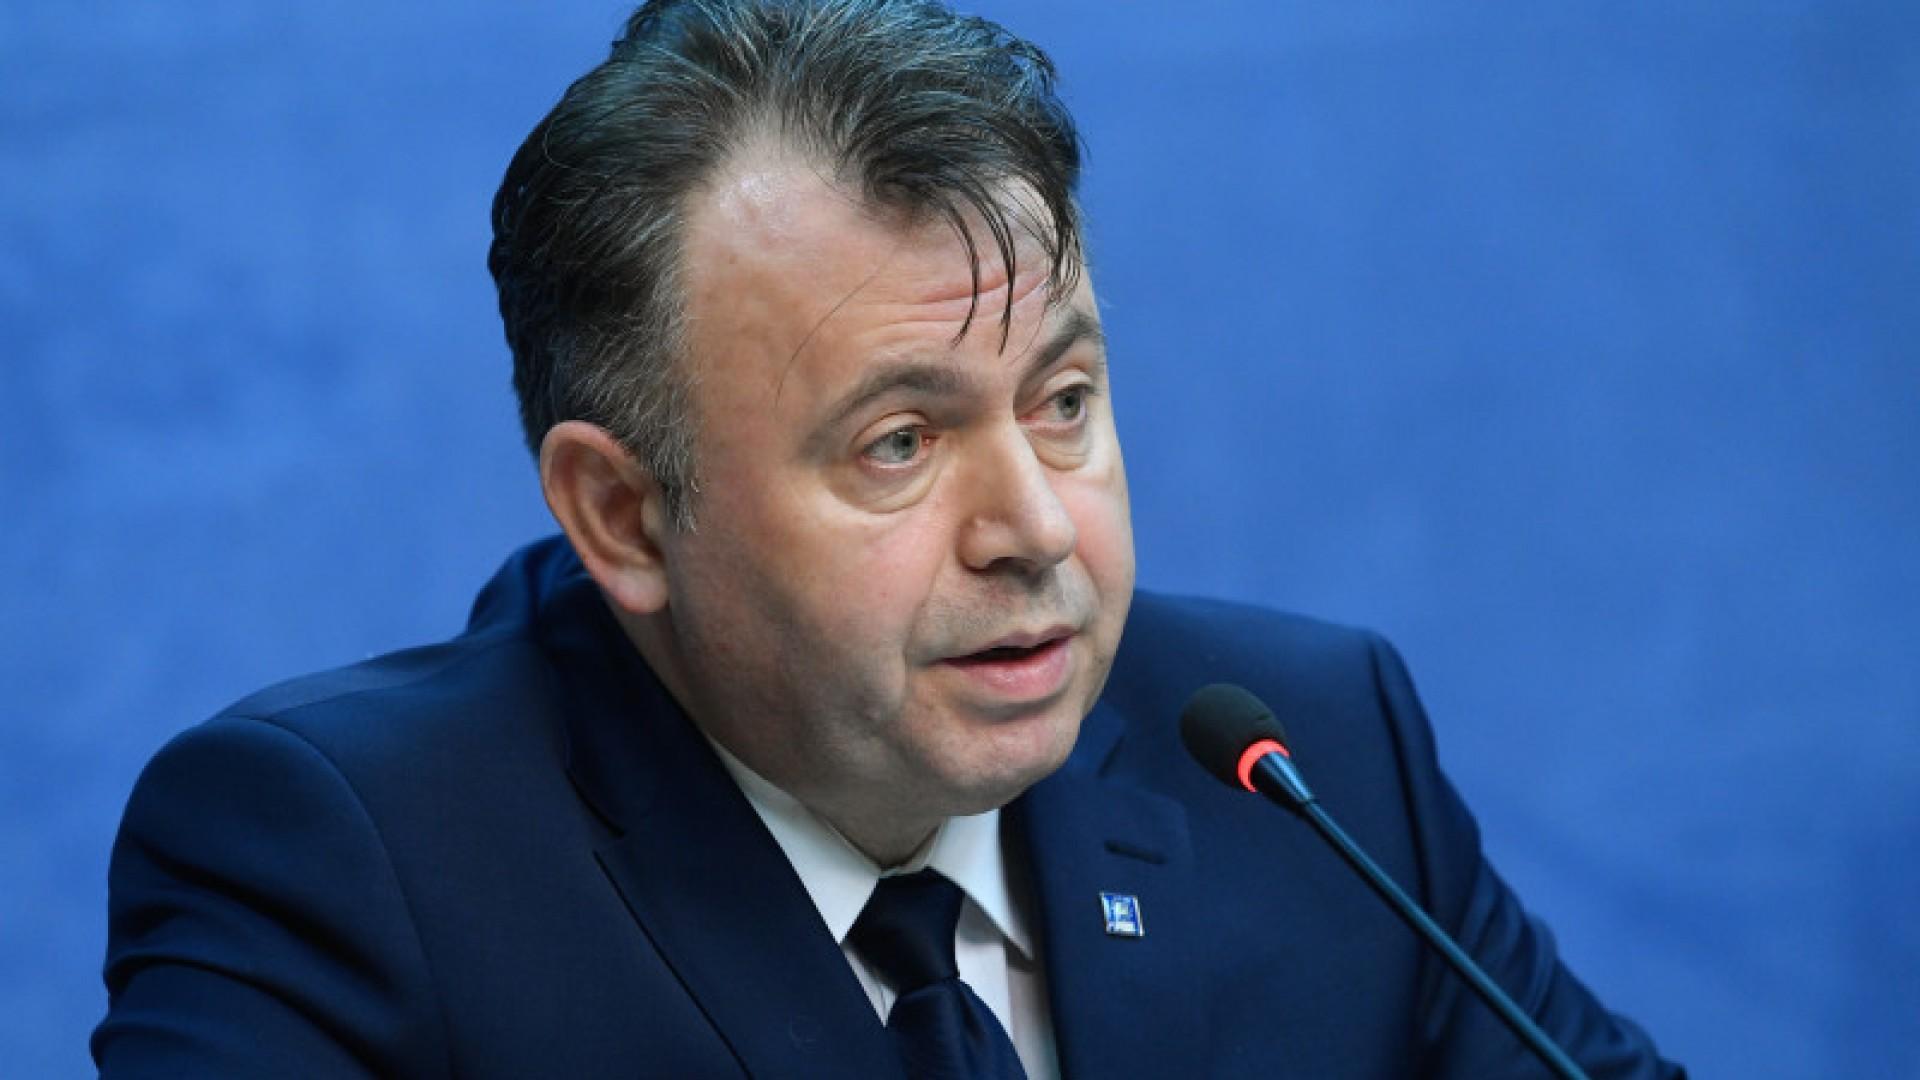 Nelu Tătaru: nu se vor impune restricții speciale vârstnicilor și nici izolarea lor